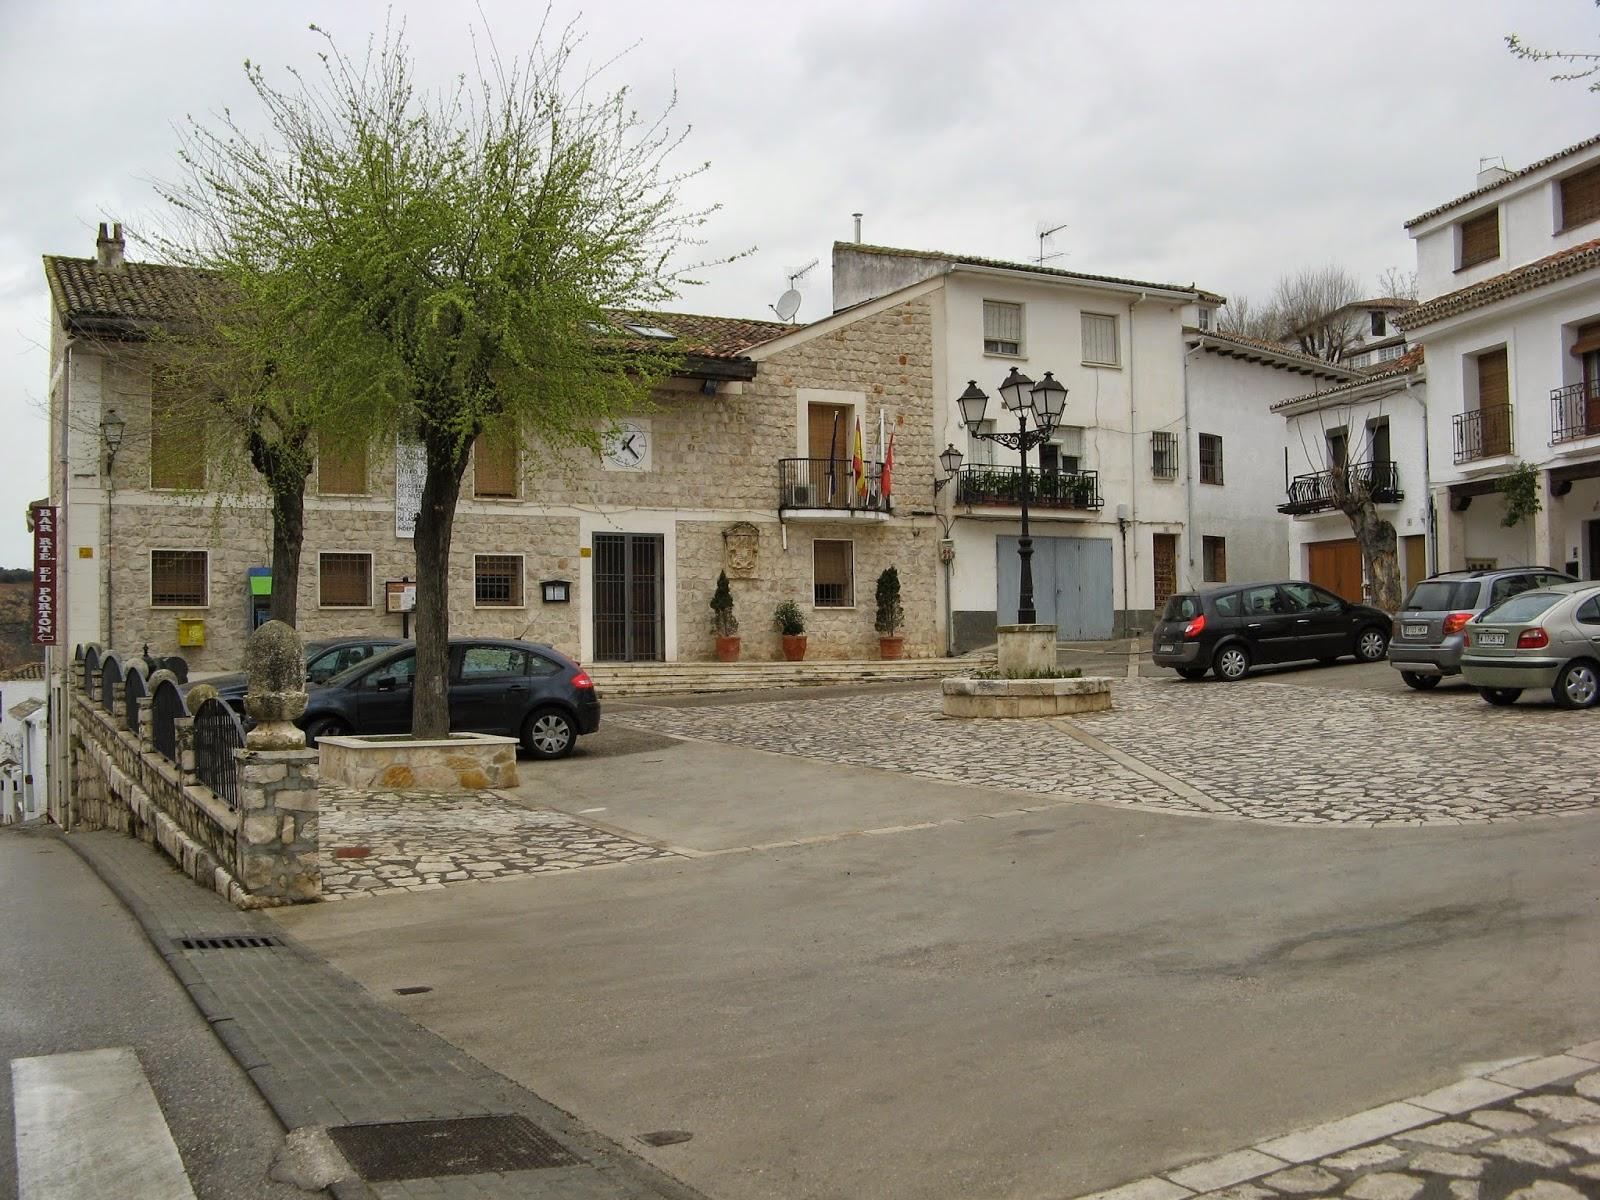 Rincones ibericos olmeda de las fuentes comunidad de for Olmeda de las fuentes casas